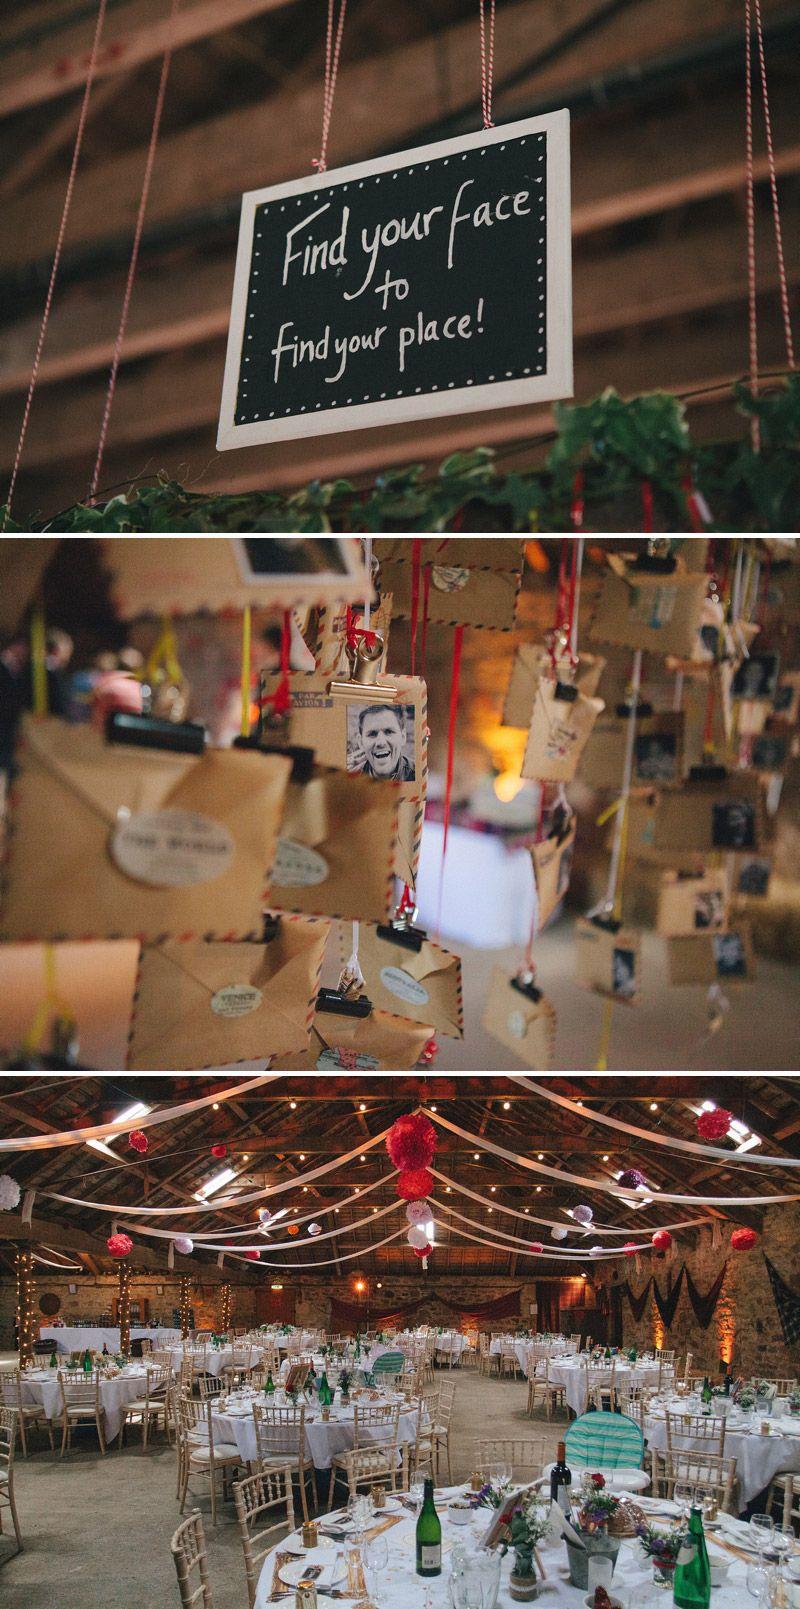 Cute Escort Card idea.  Make them with photos of your guests and hang them up for them to find. +++ Aninha, fui num casamento que tinha um porta-retrato por mesa com foto de cada convidado, dá mega trabalho mas o convidado se sente MUITO especial! Foi lindo!